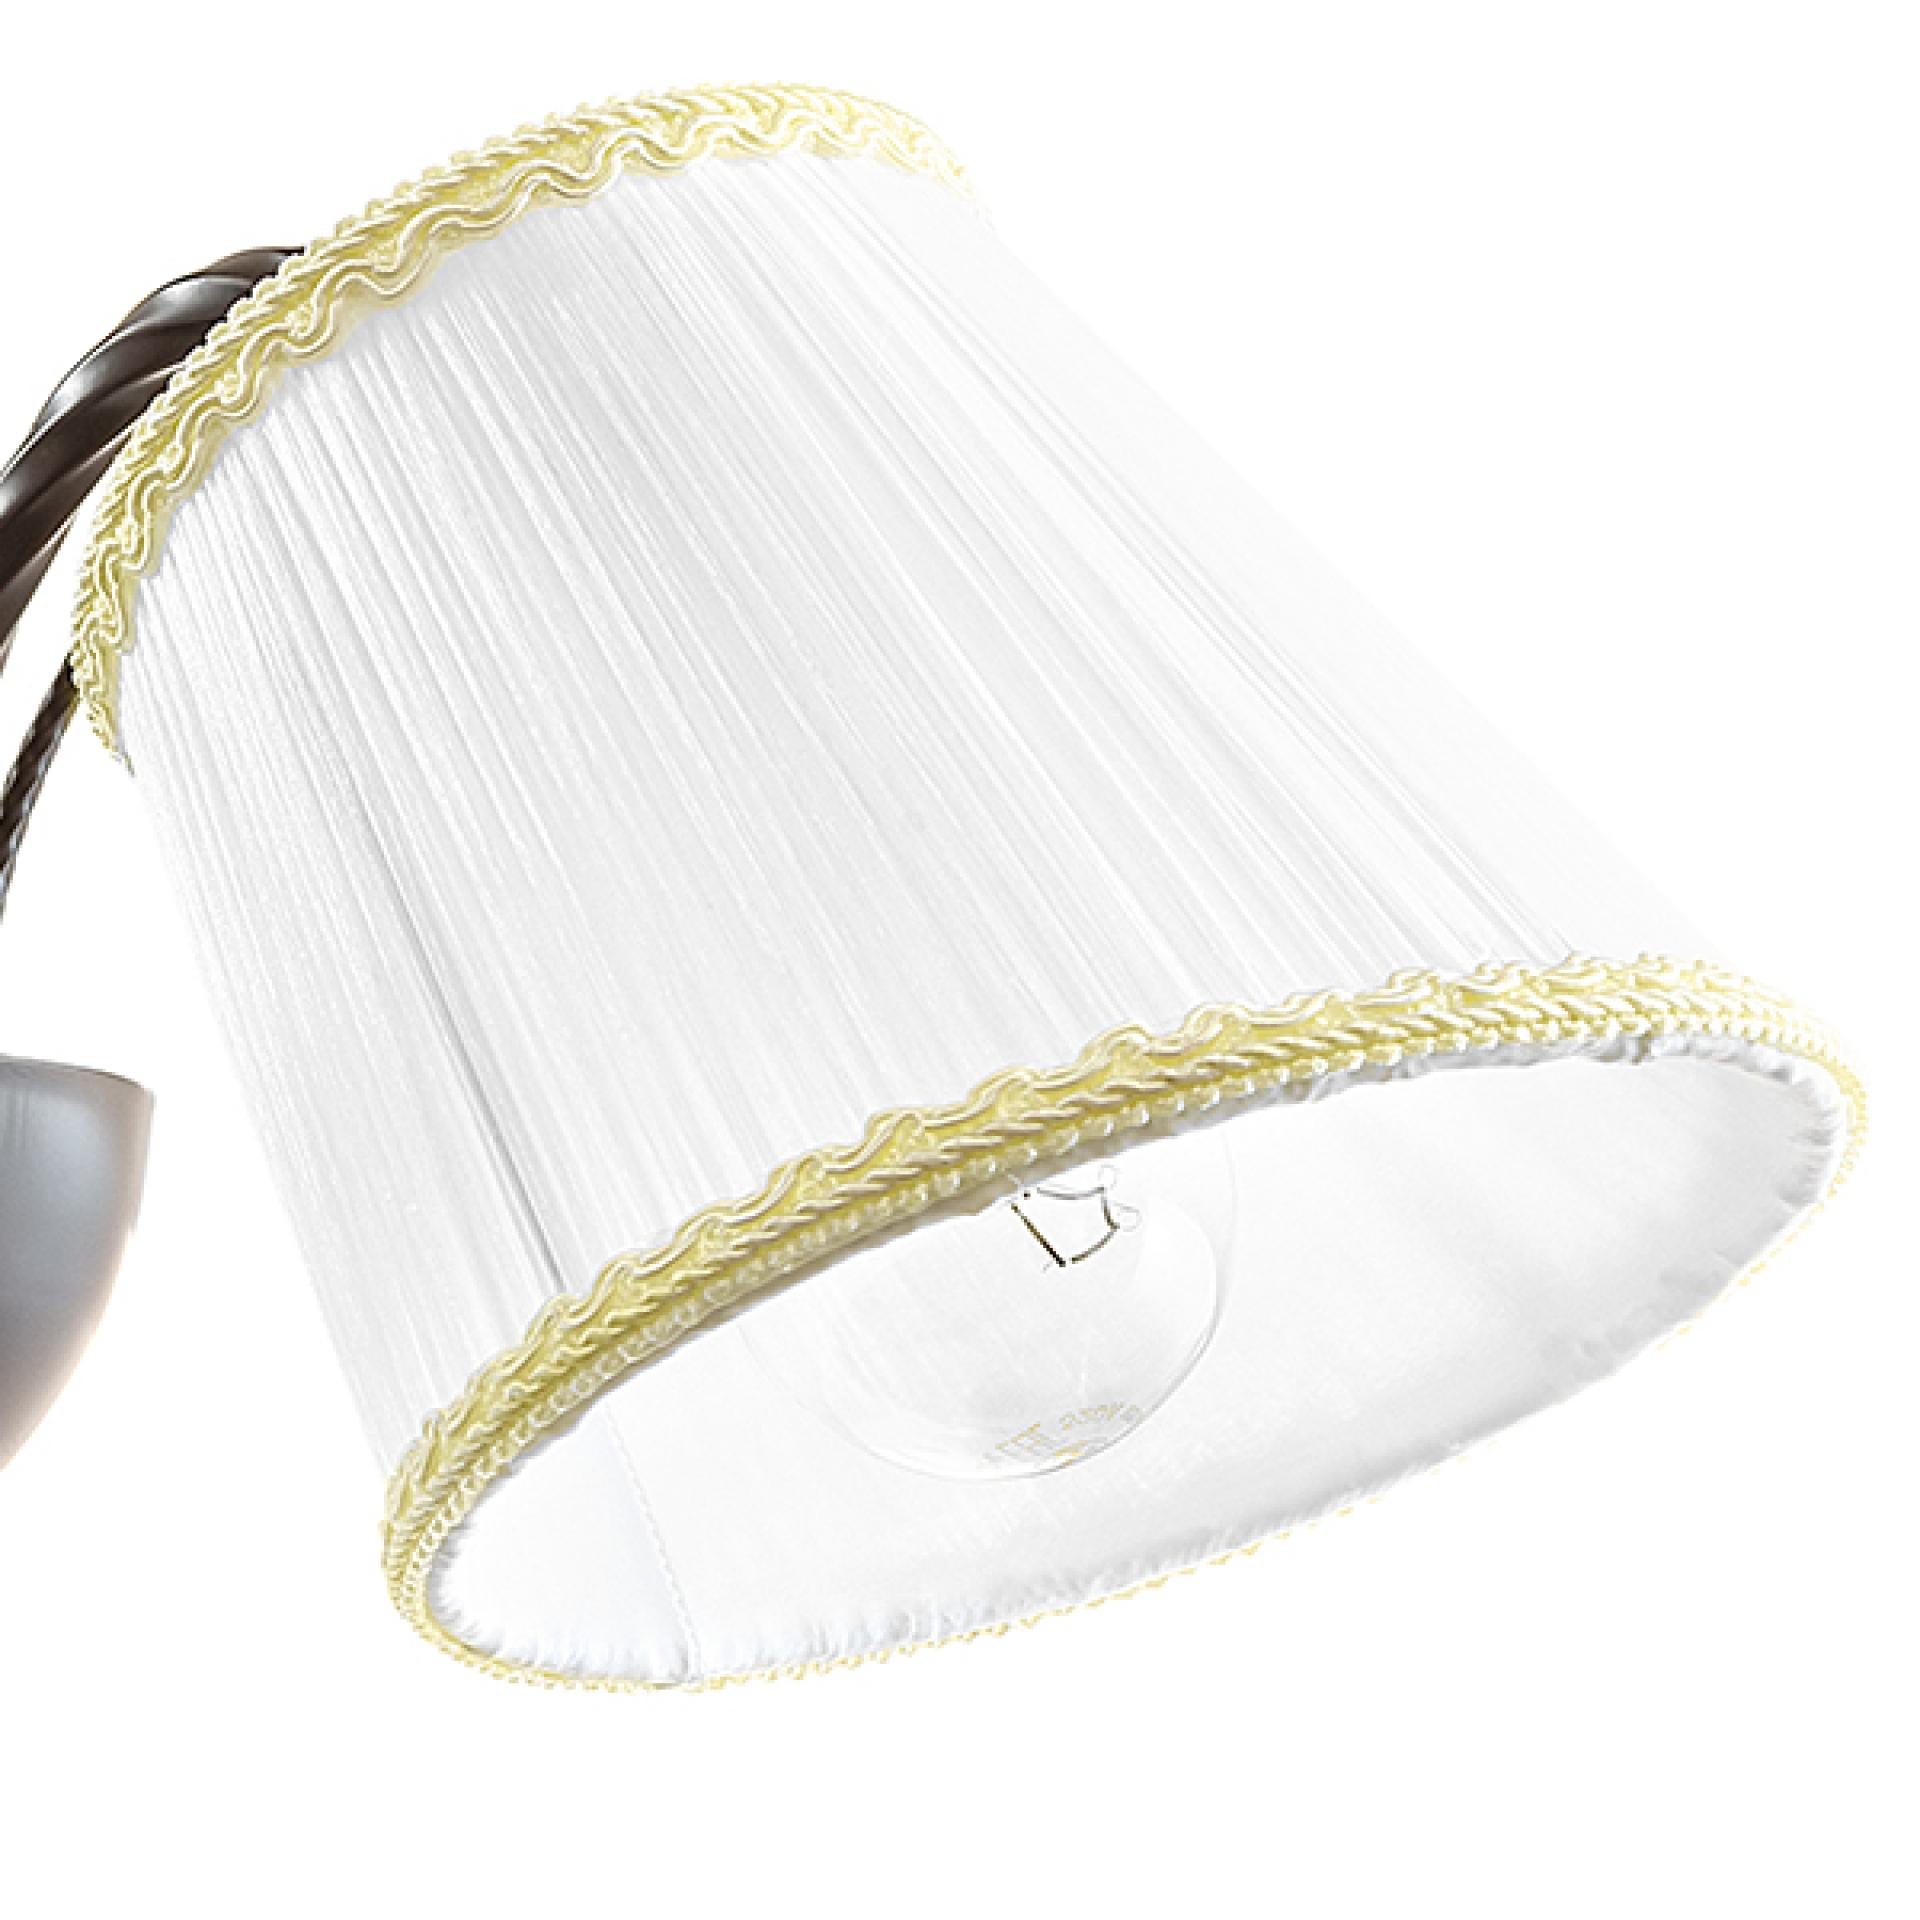 Бра Esedra Lightstar 796628, купить в СПб, Москве, с доставкой, Санкт-Петербург, интернет-магазин люстр и светильников Starlight, фото в жизни